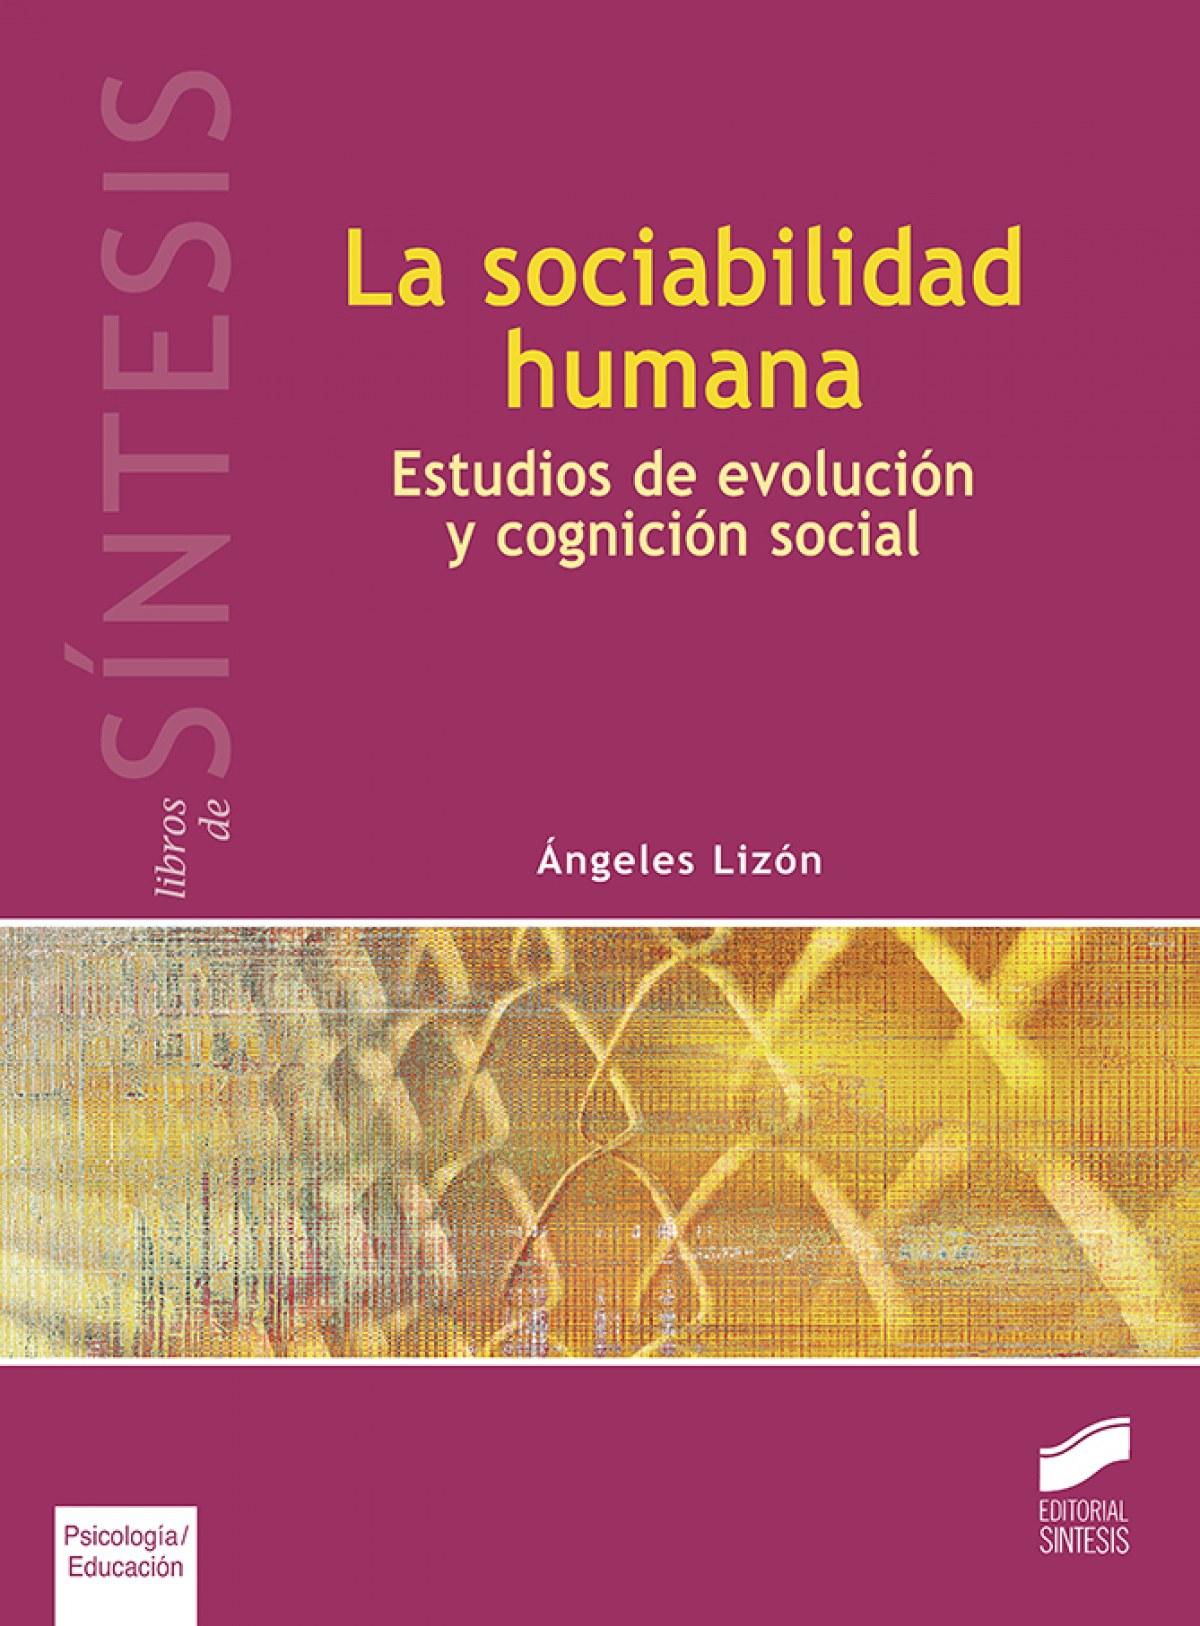 SOCIABILIDAD HUMANA